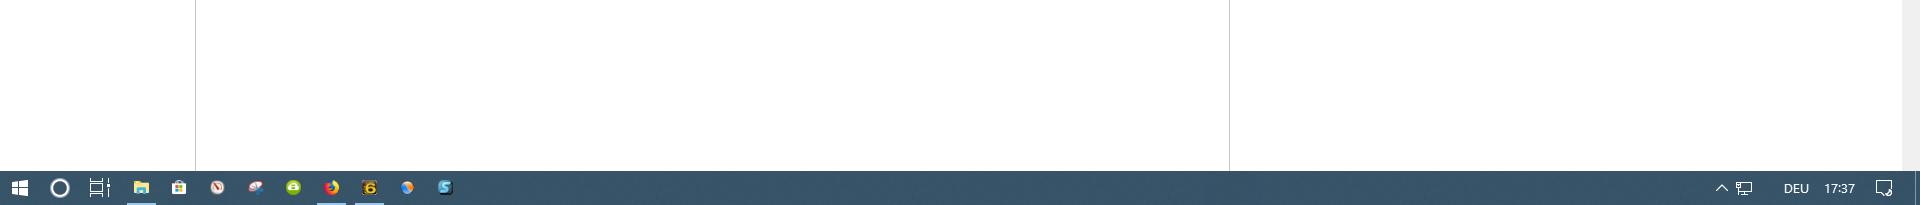 Taskleiste - Systray: Entweder Lautsprecher-Sybol oder Netzwerk-Symbol zu sehen, aber nie...